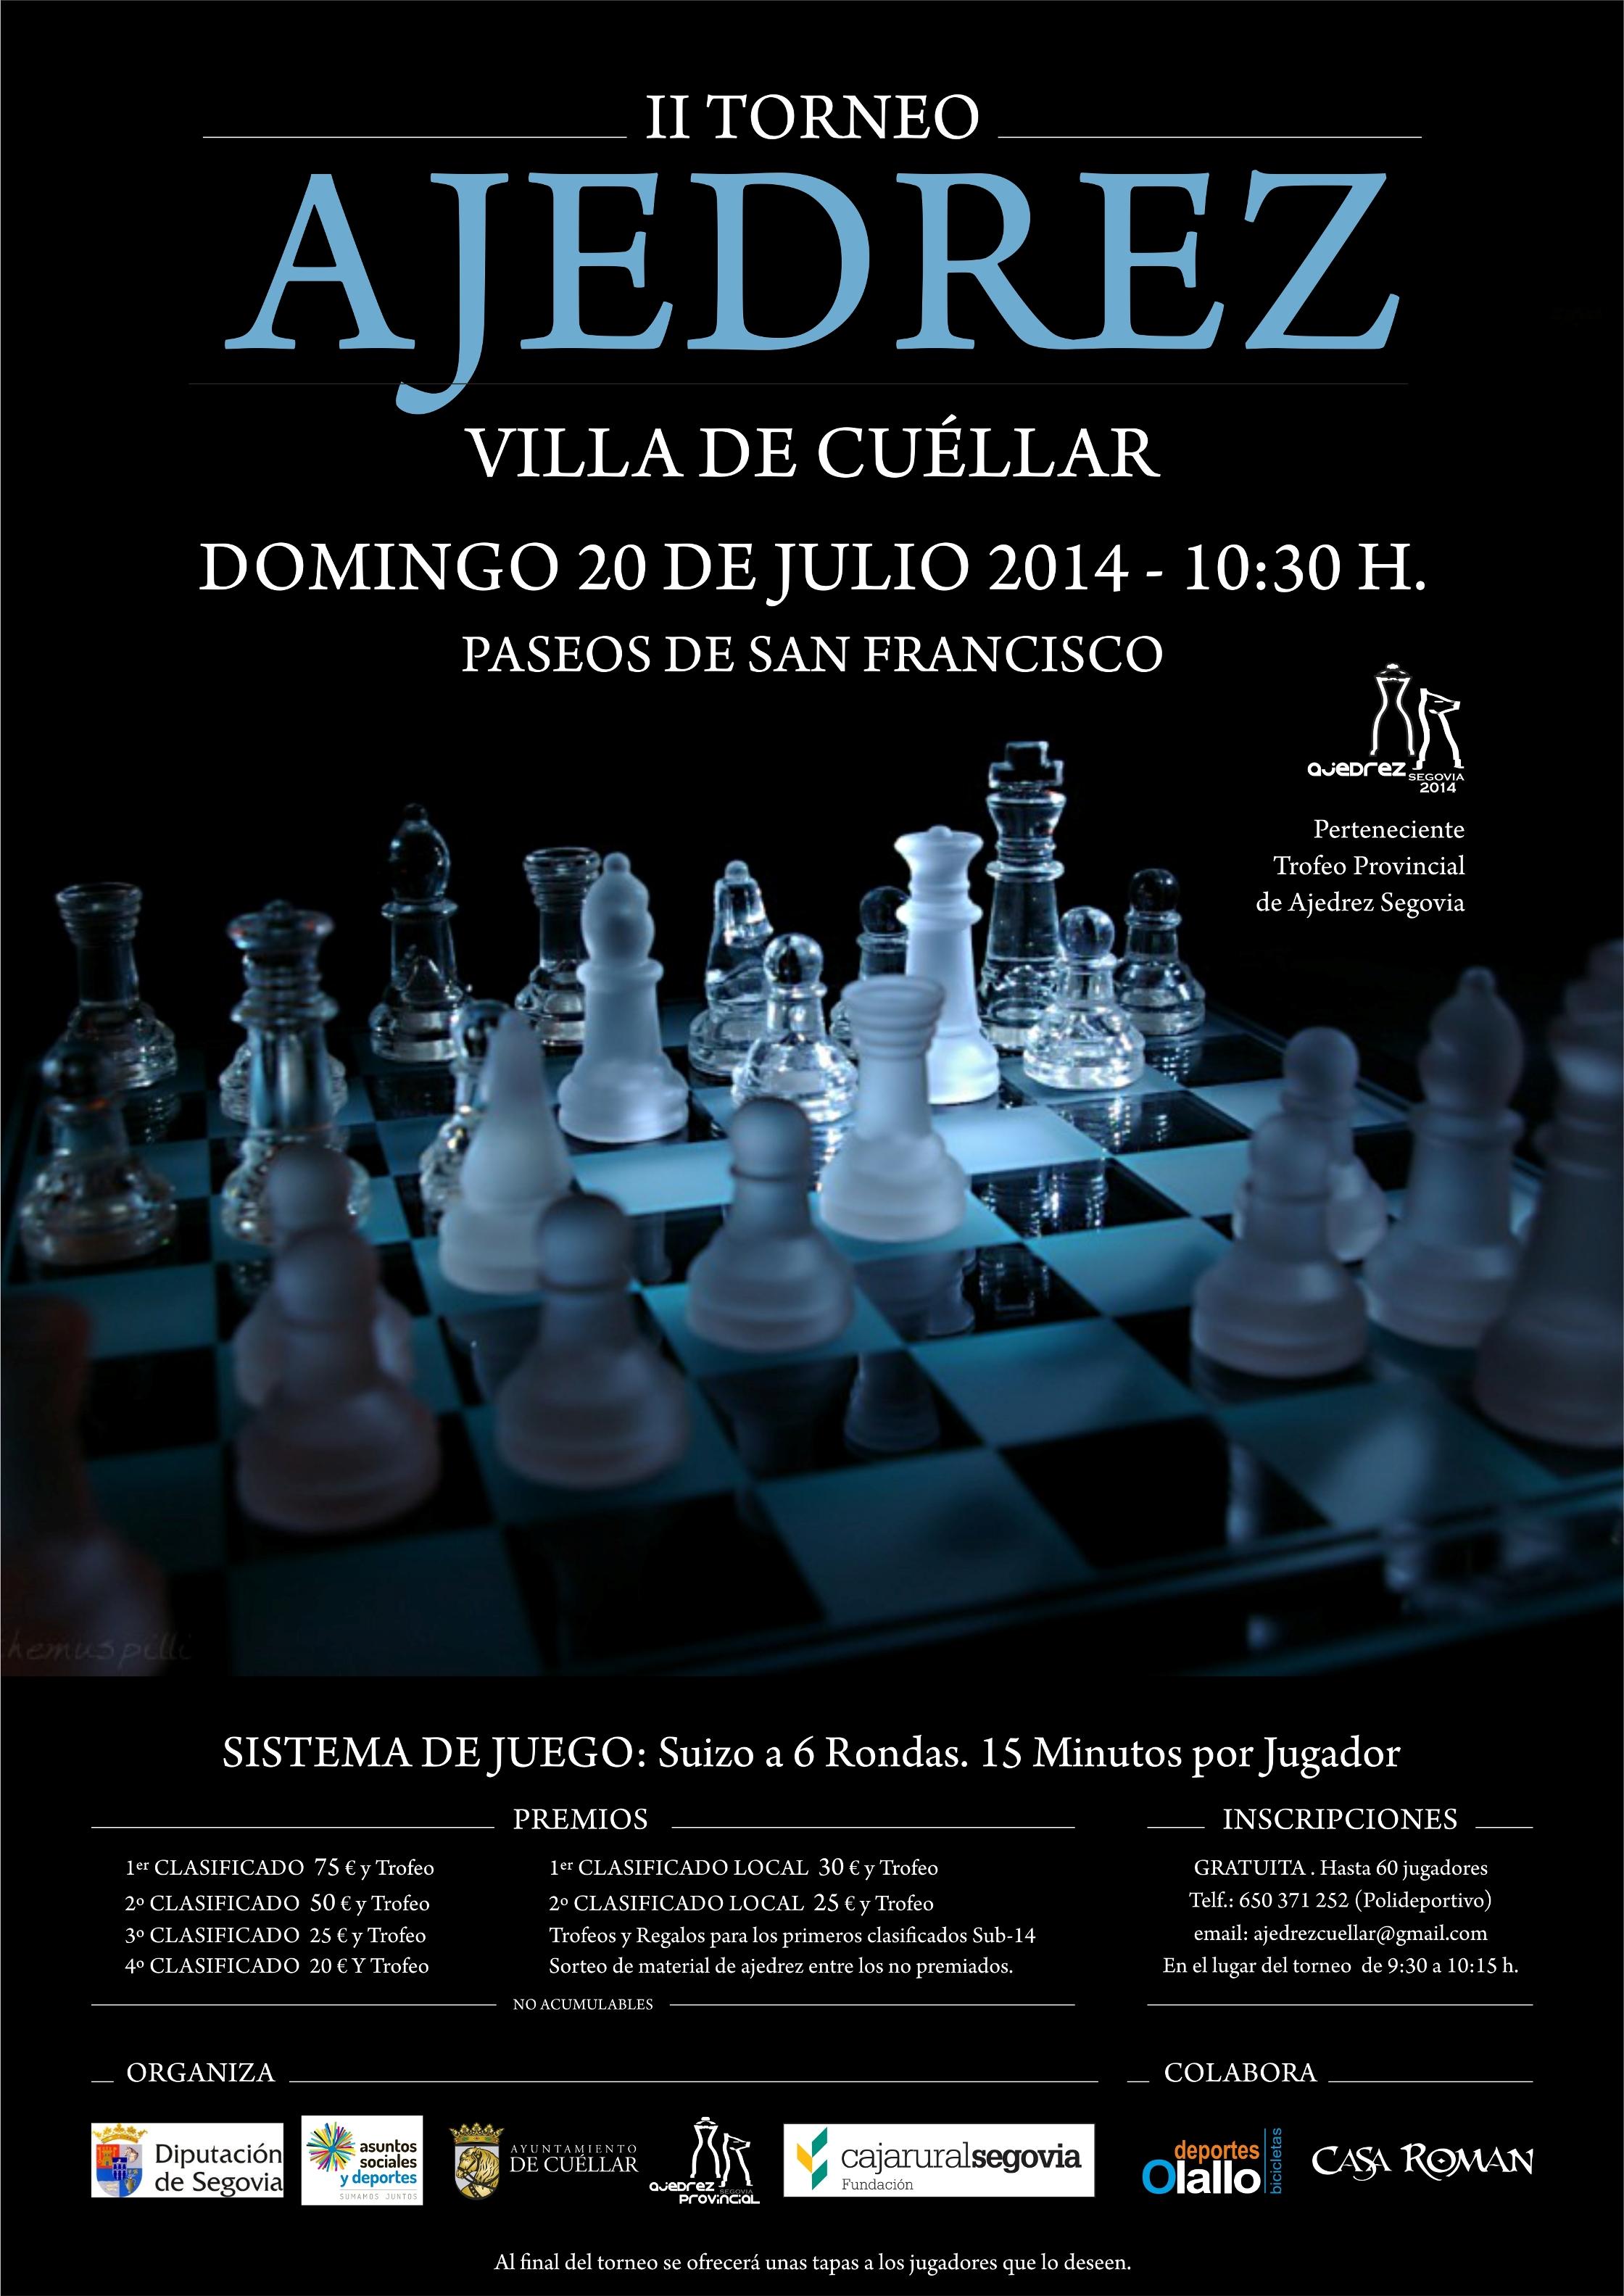 Cartel del II Torneo de Ajedrez Villa de Cuéllar.